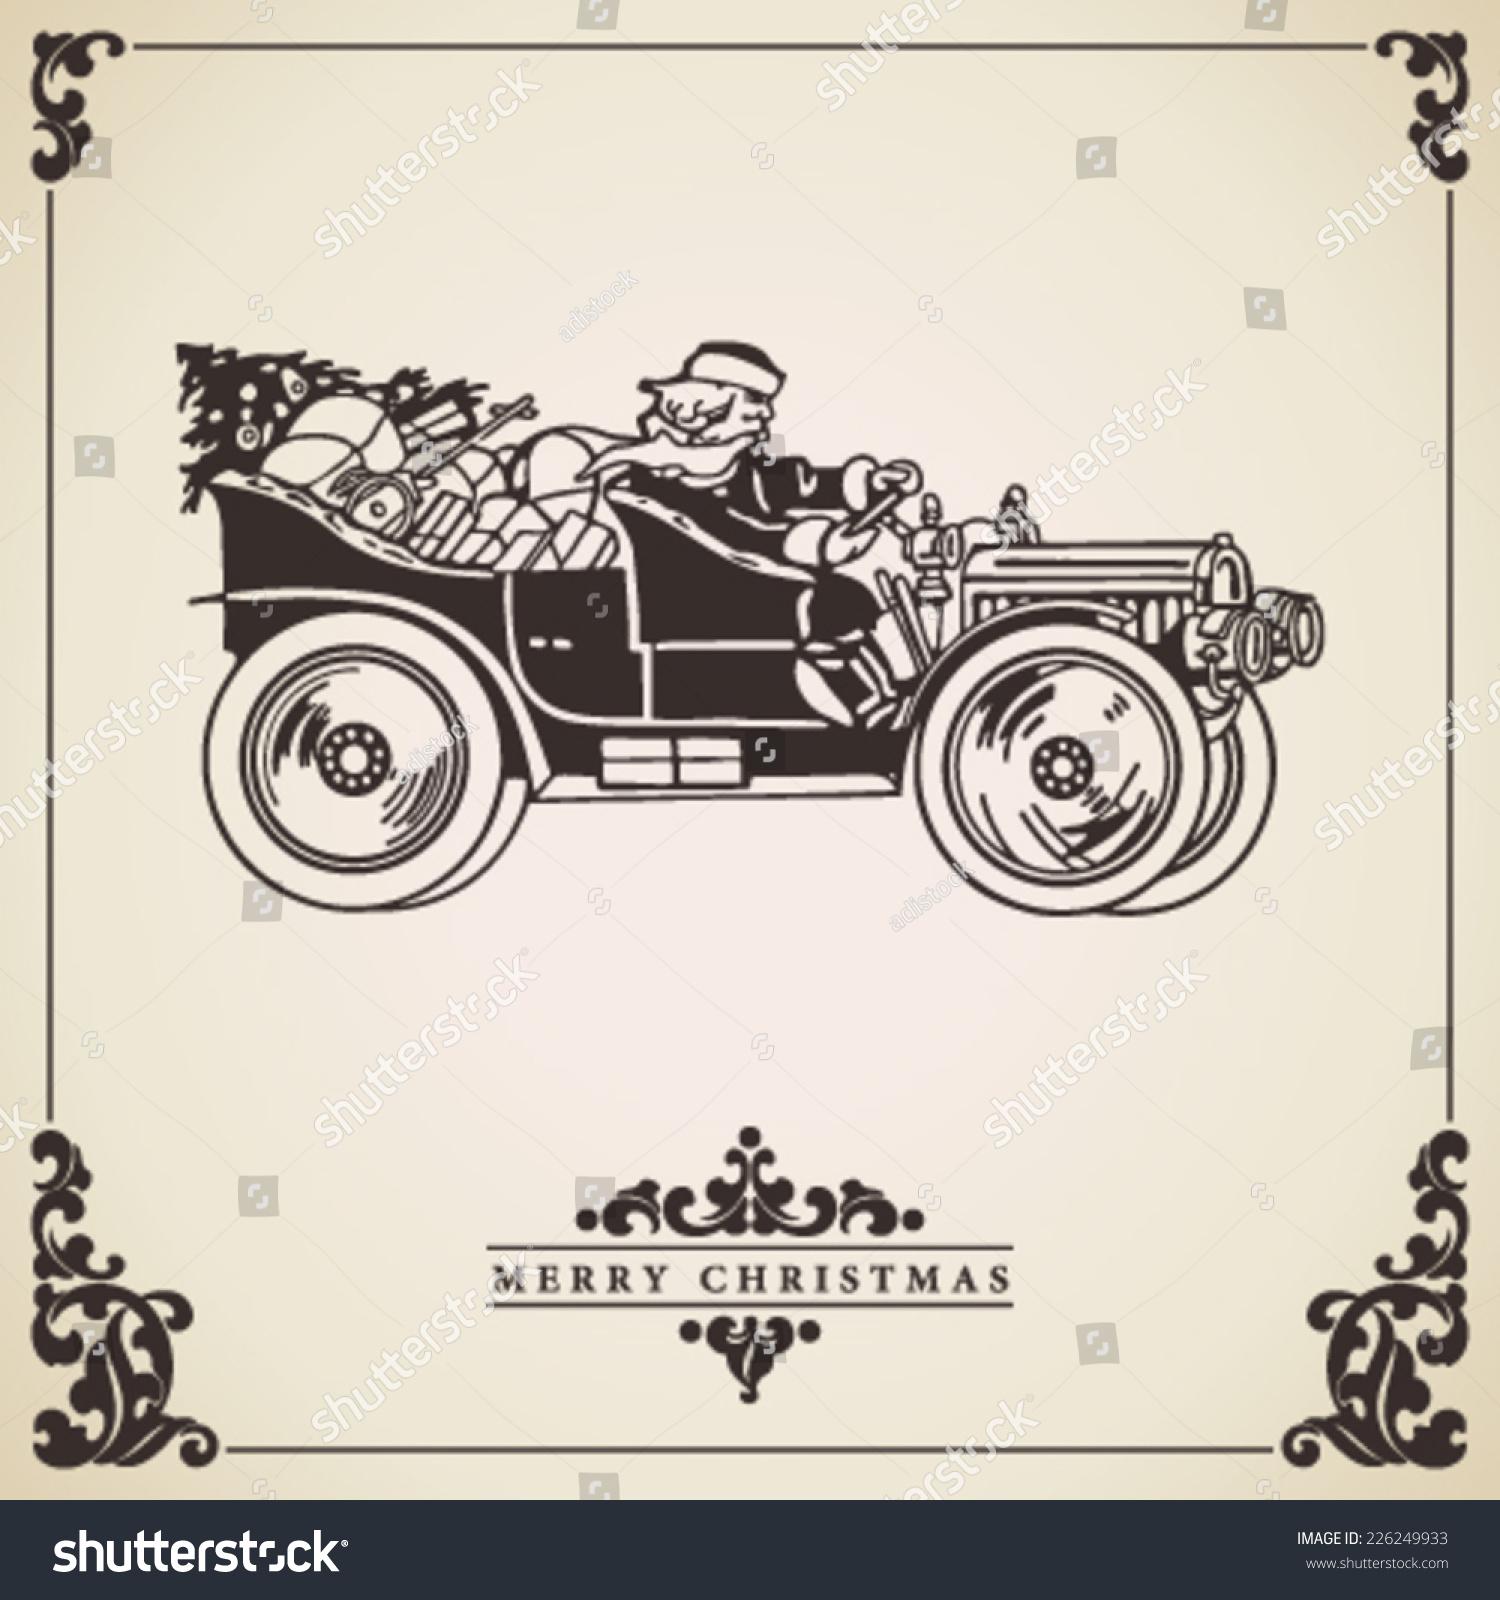 Christmas Card Vector Santa Claus Driving Stock Vector (Royalty Free ...